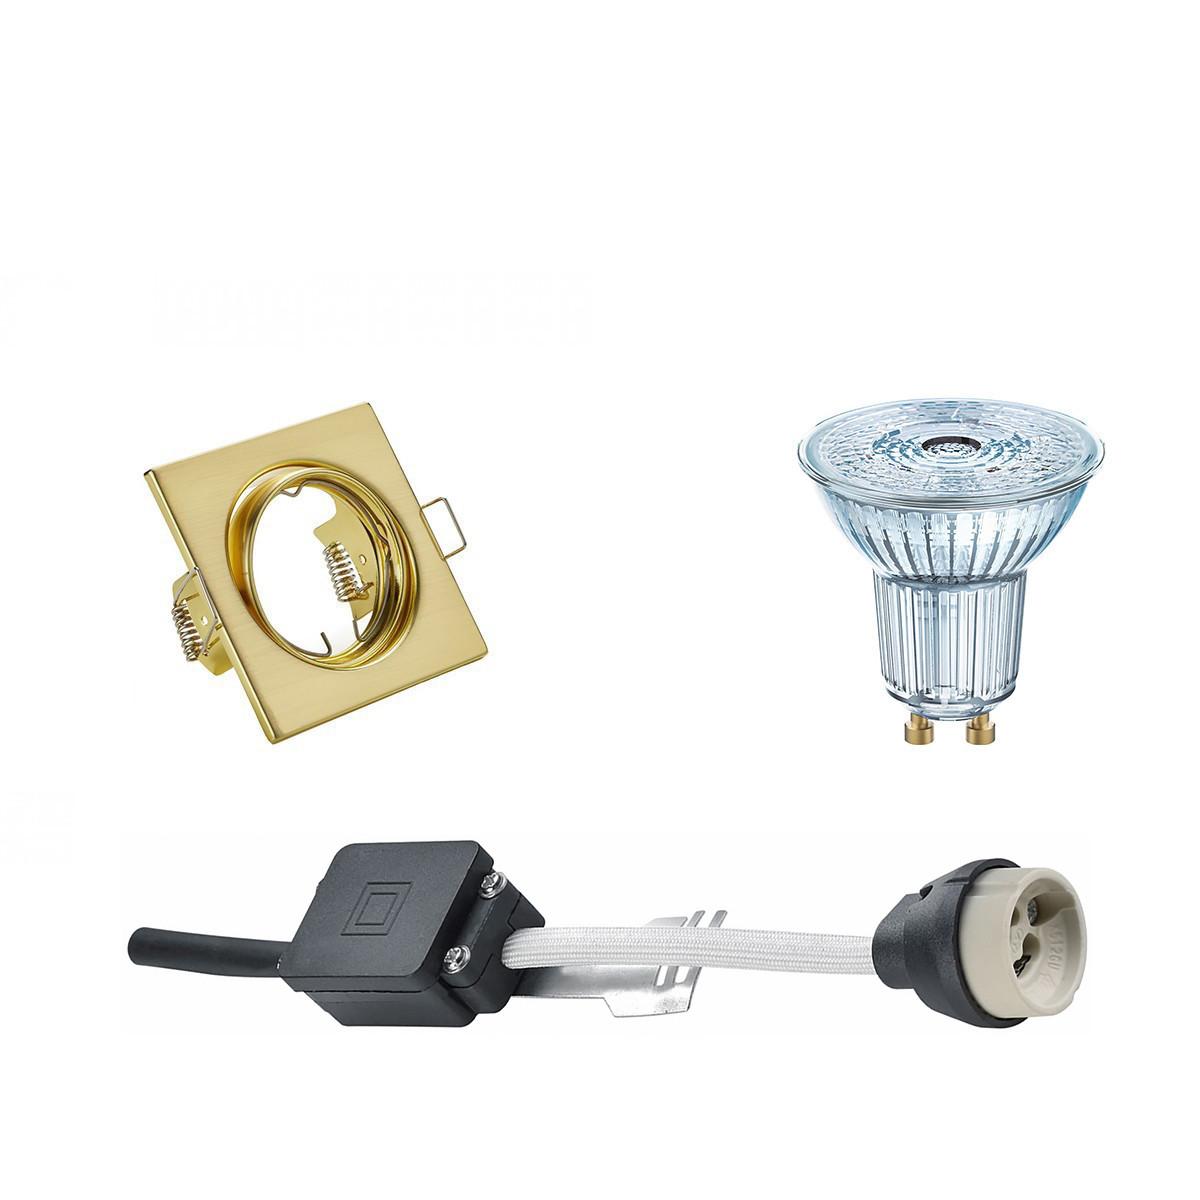 OSRAM - LED Spot Set - Parathom PAR16 940 36D - GU10 Fitting - Dimbaar - Inbouw Vierkant - Mat Goud